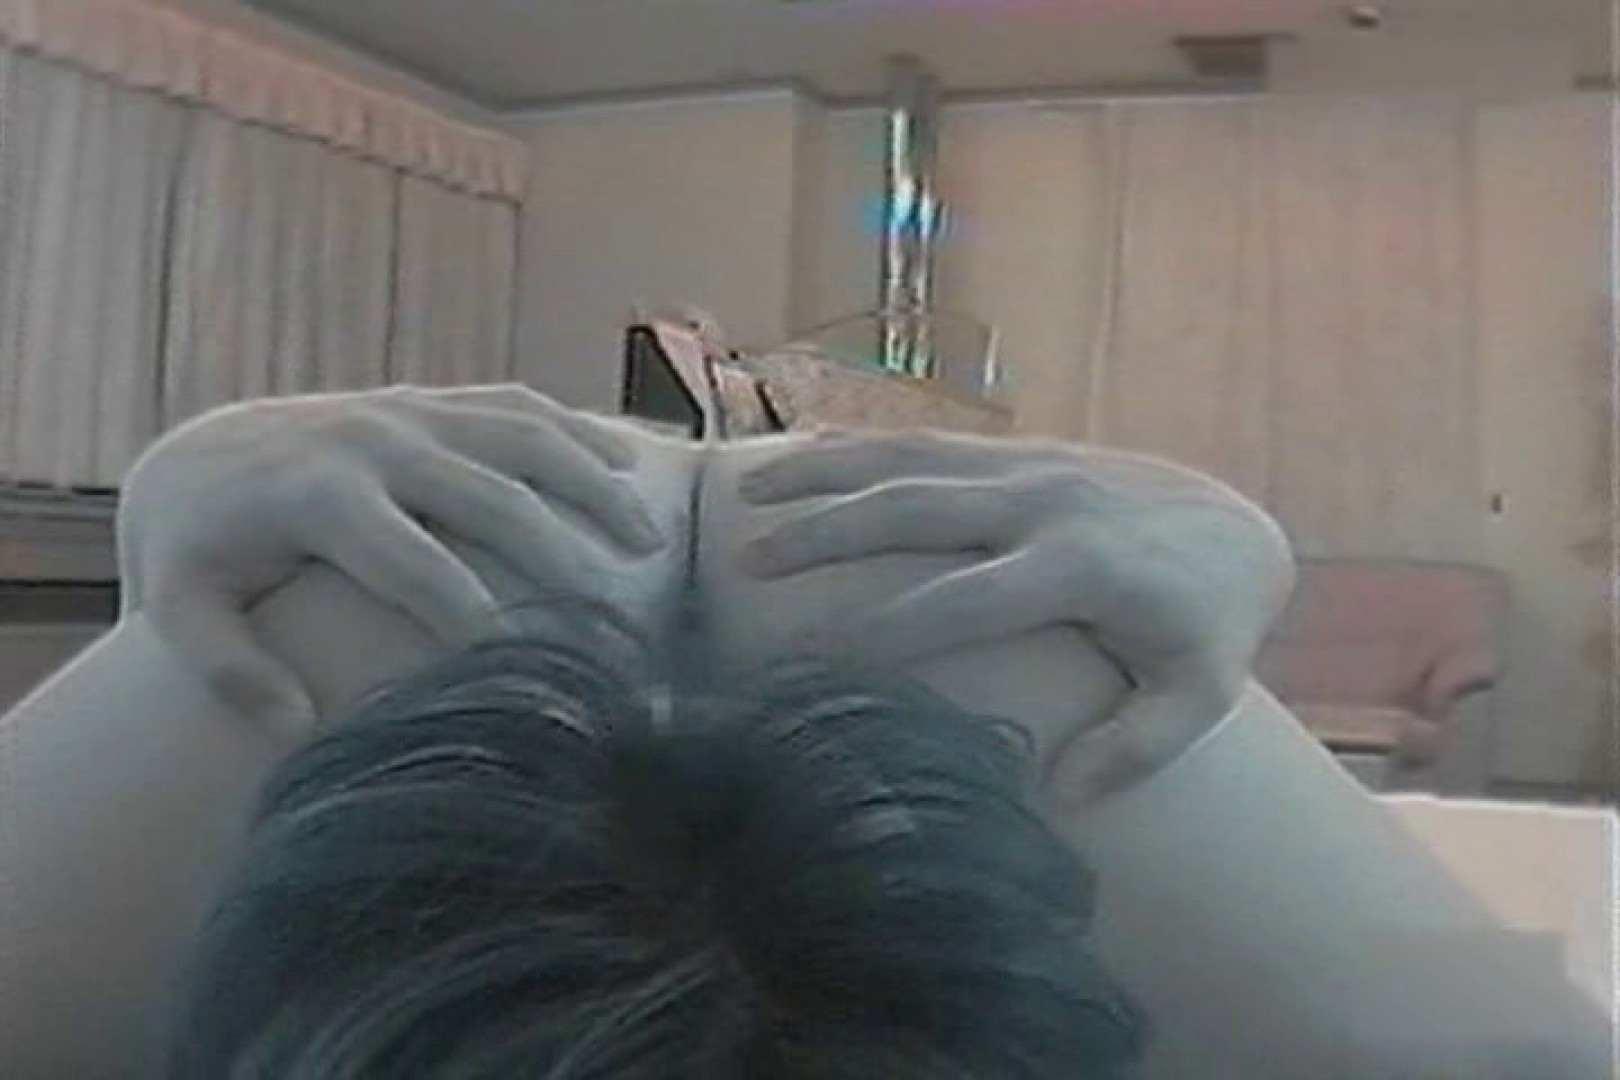 素人嬢をホテルに連れ込みアンナ事・コンナ事!?Vol.10 フェラ  104枚 11